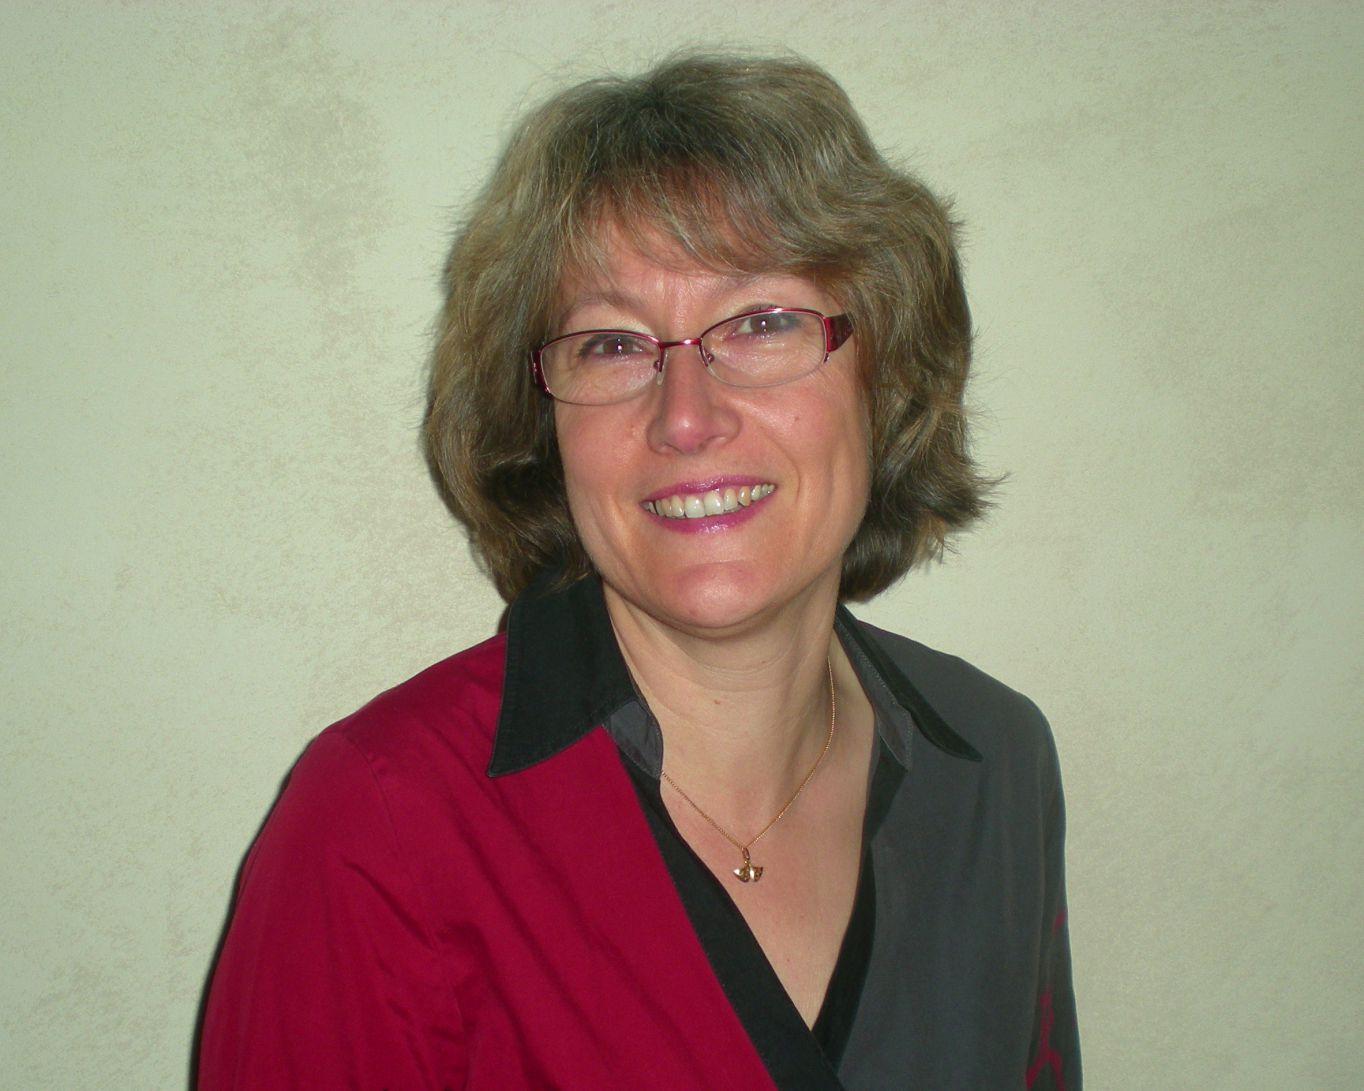 Béatrice Phelippon